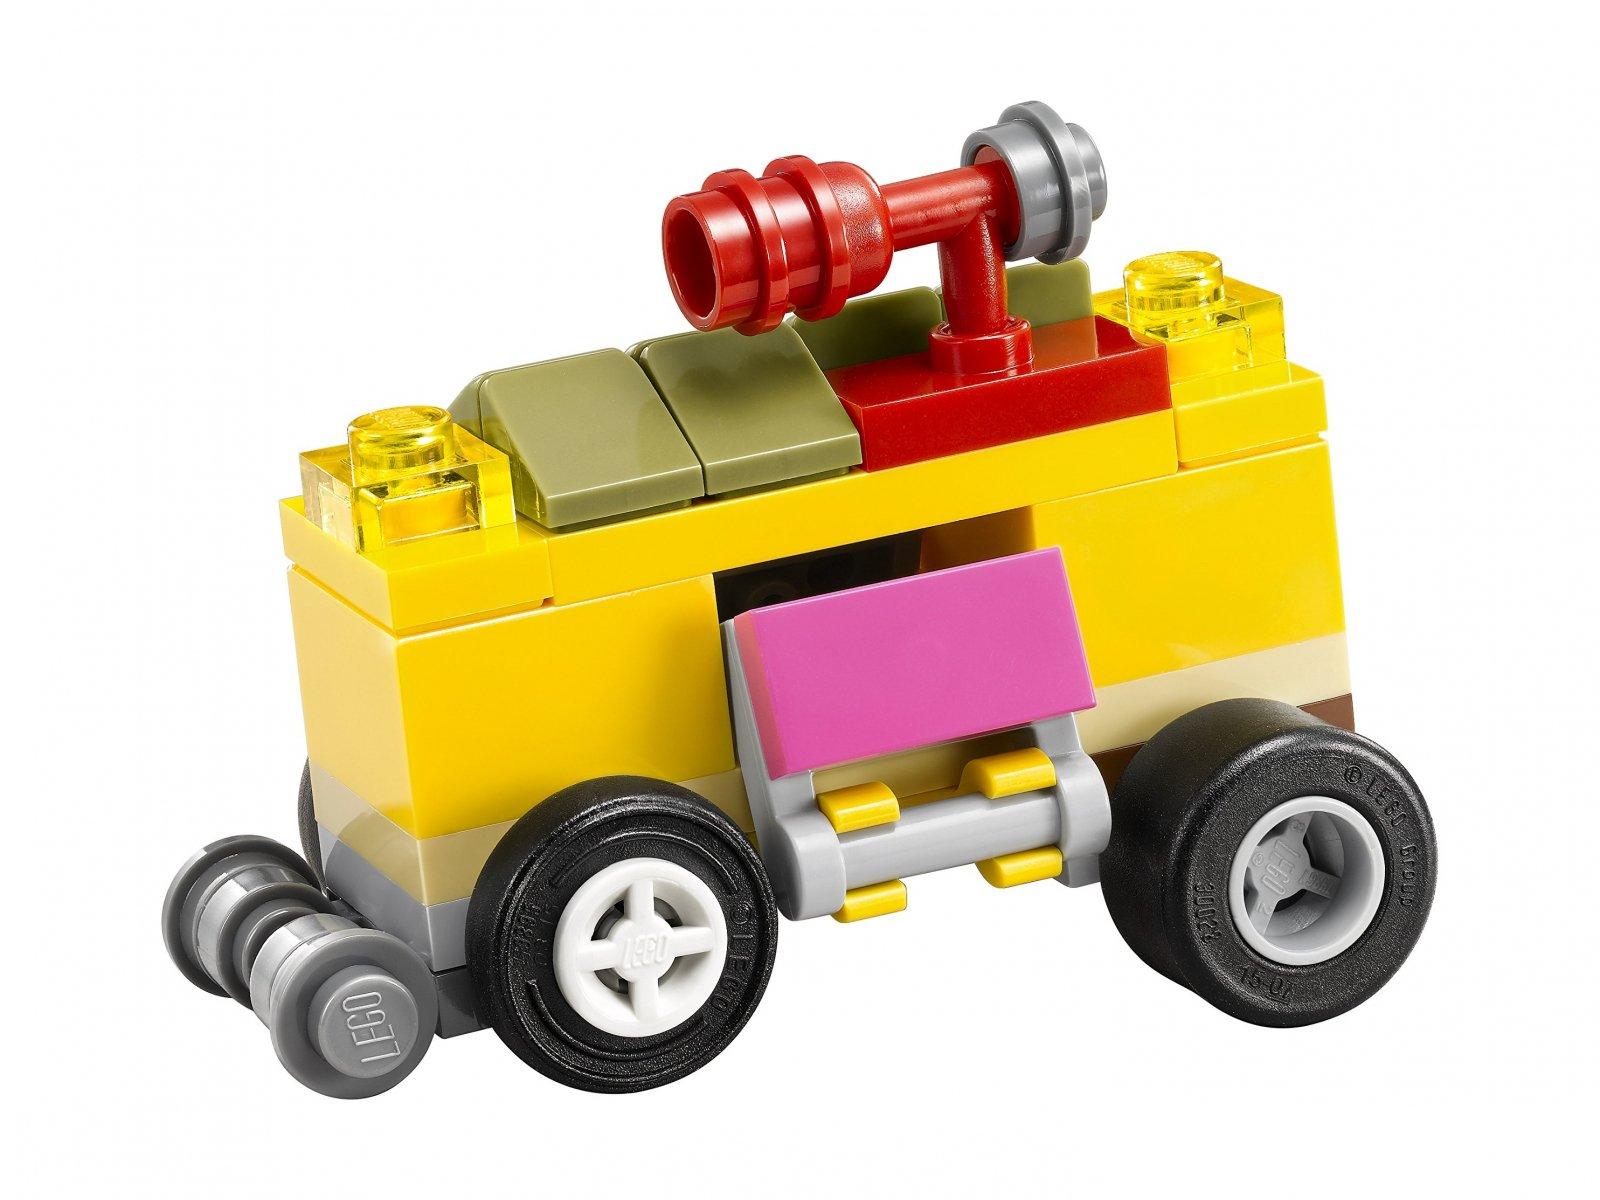 LEGO 30271 Teenage Mutant Ninja Turtles™ Mikey's Mini-Shellraiser